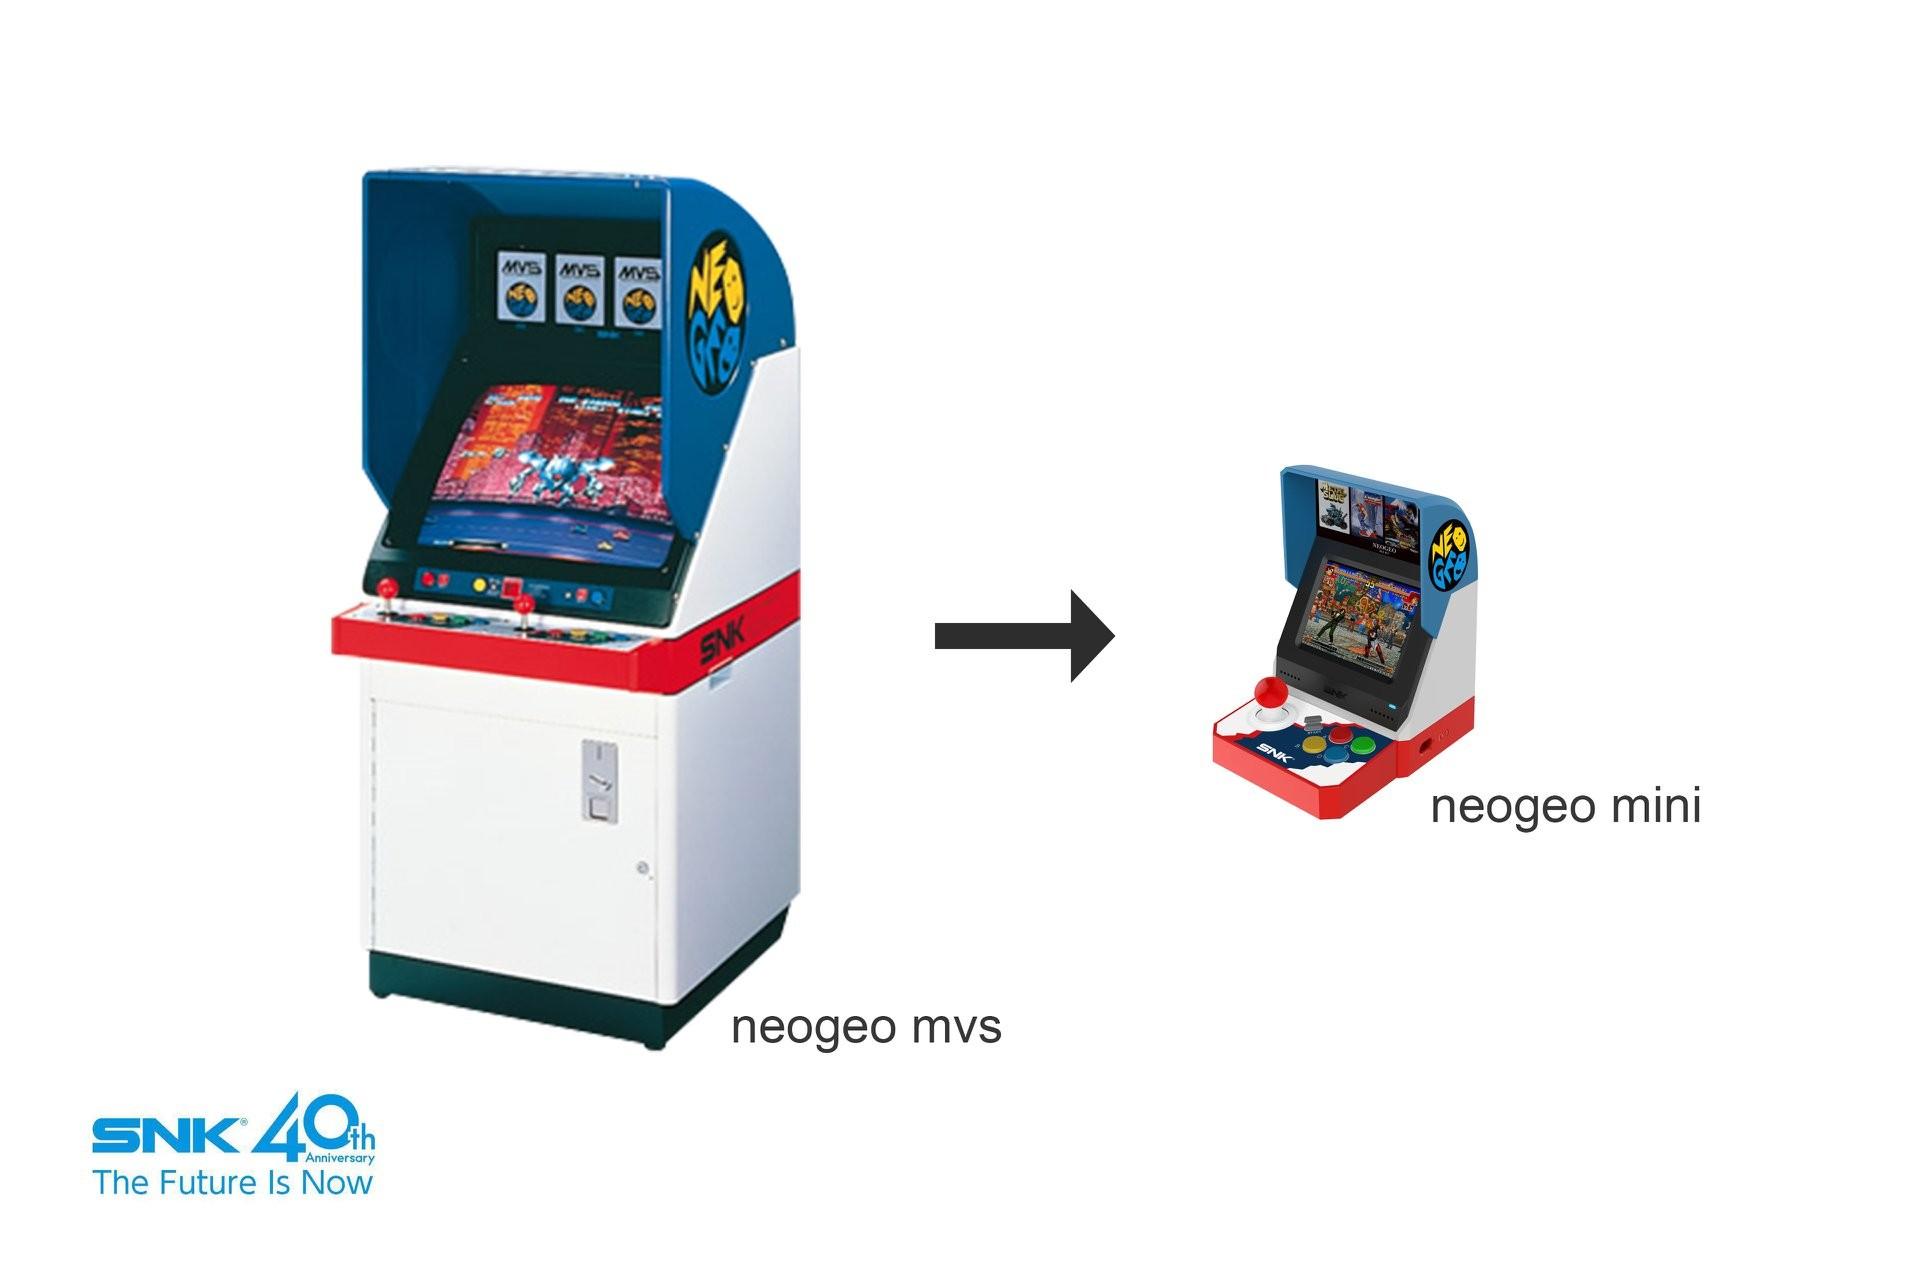 Continua la moda mini con el Neo Geo Mini [no requiere fichas]